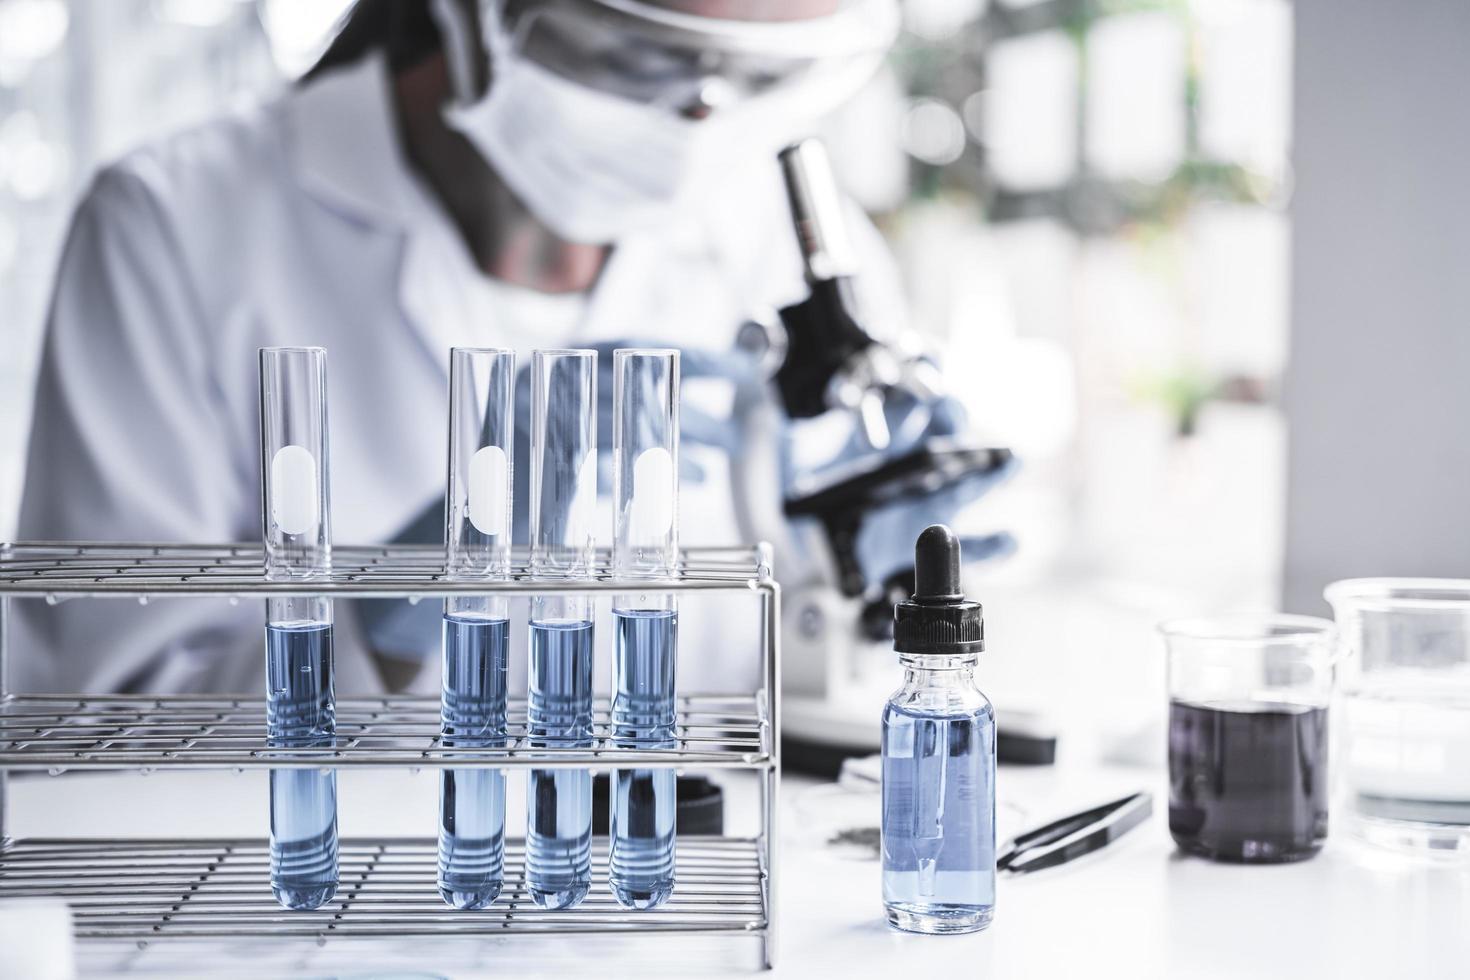 El químico está analizando la muestra en el laboratorio. foto